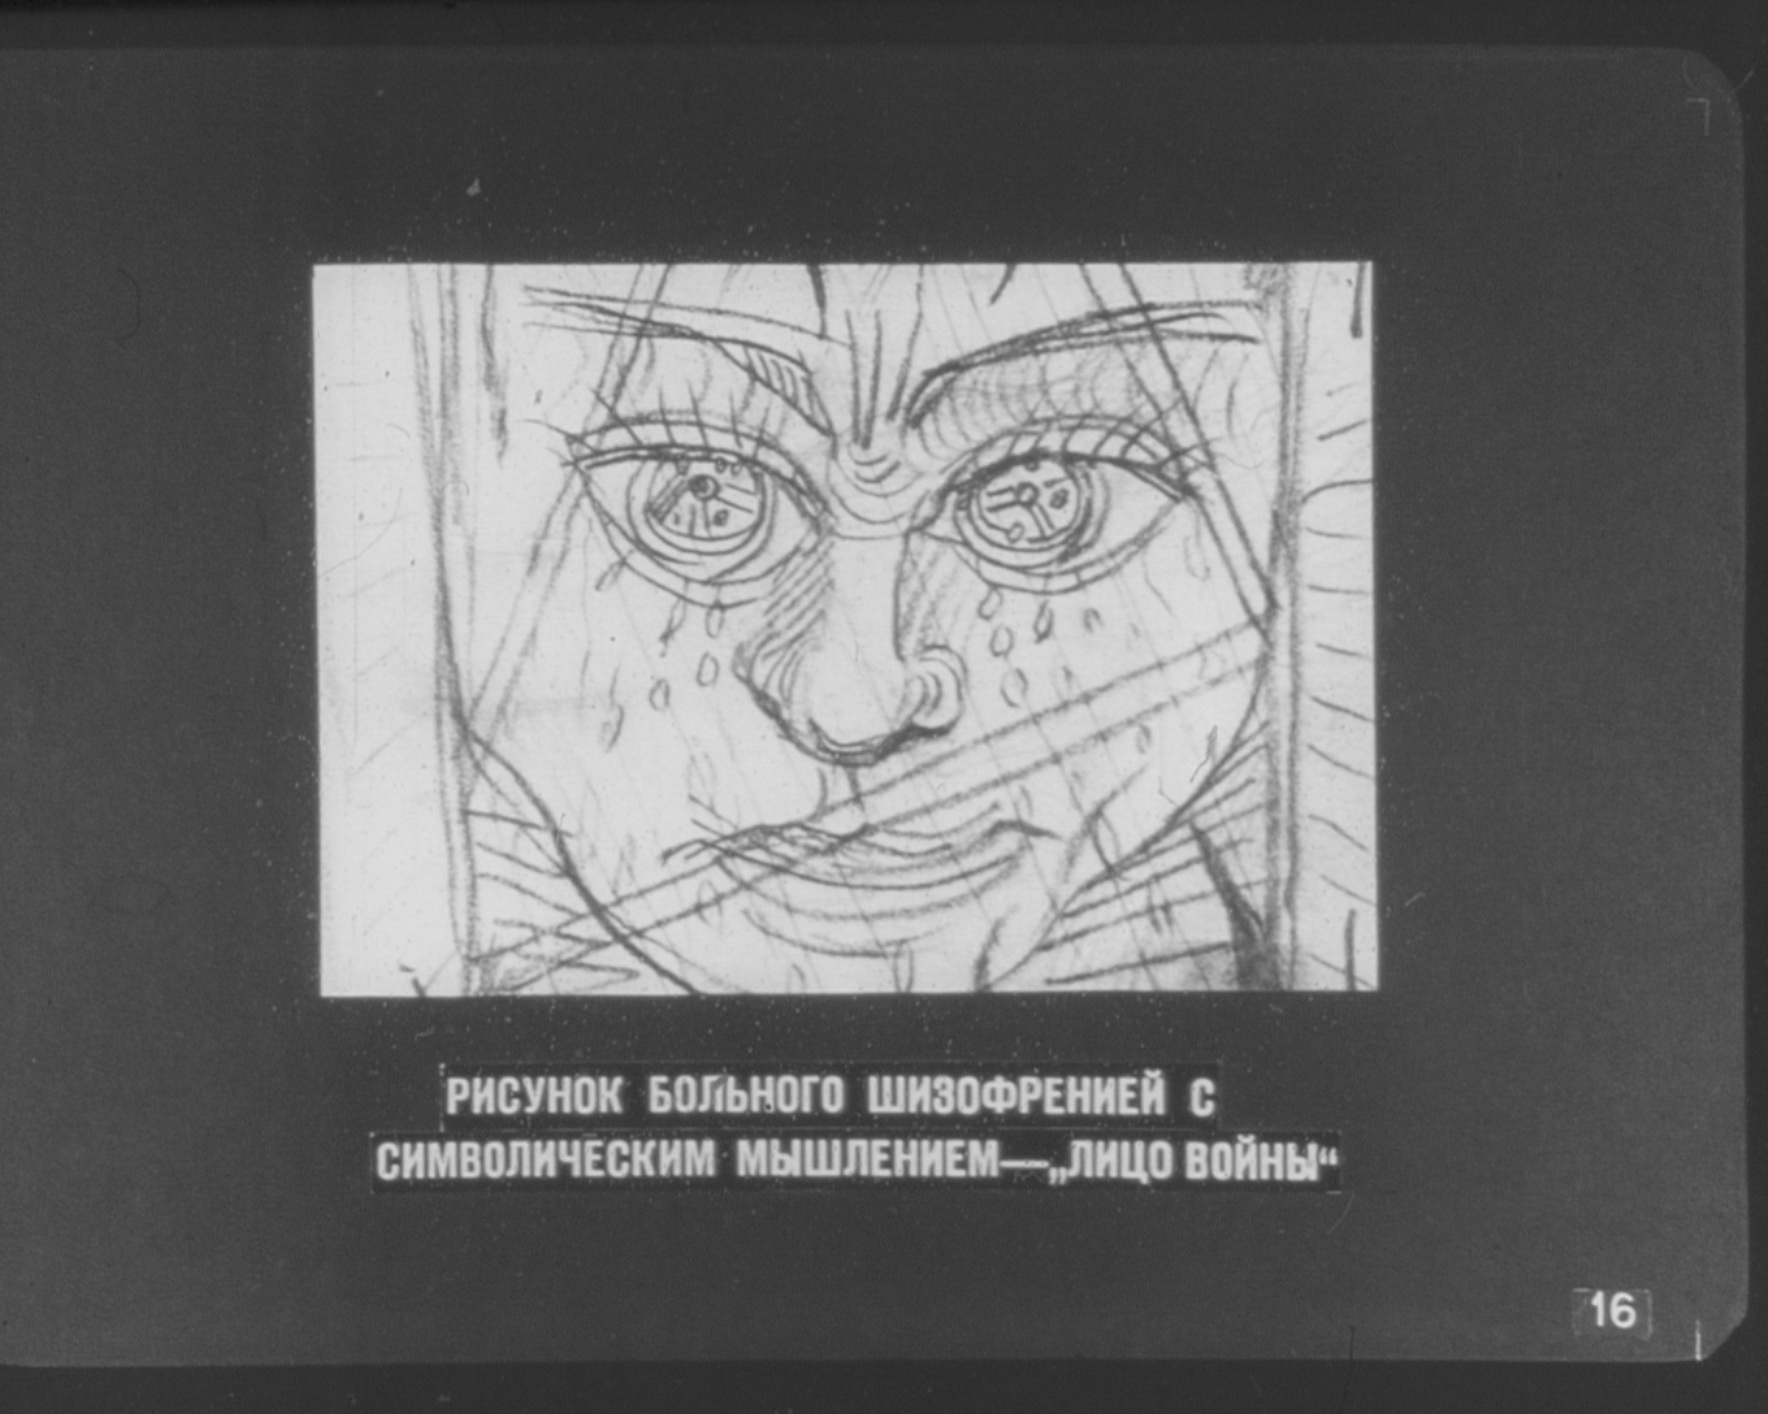 Рисунок больного шизофренией с символическим мышлением